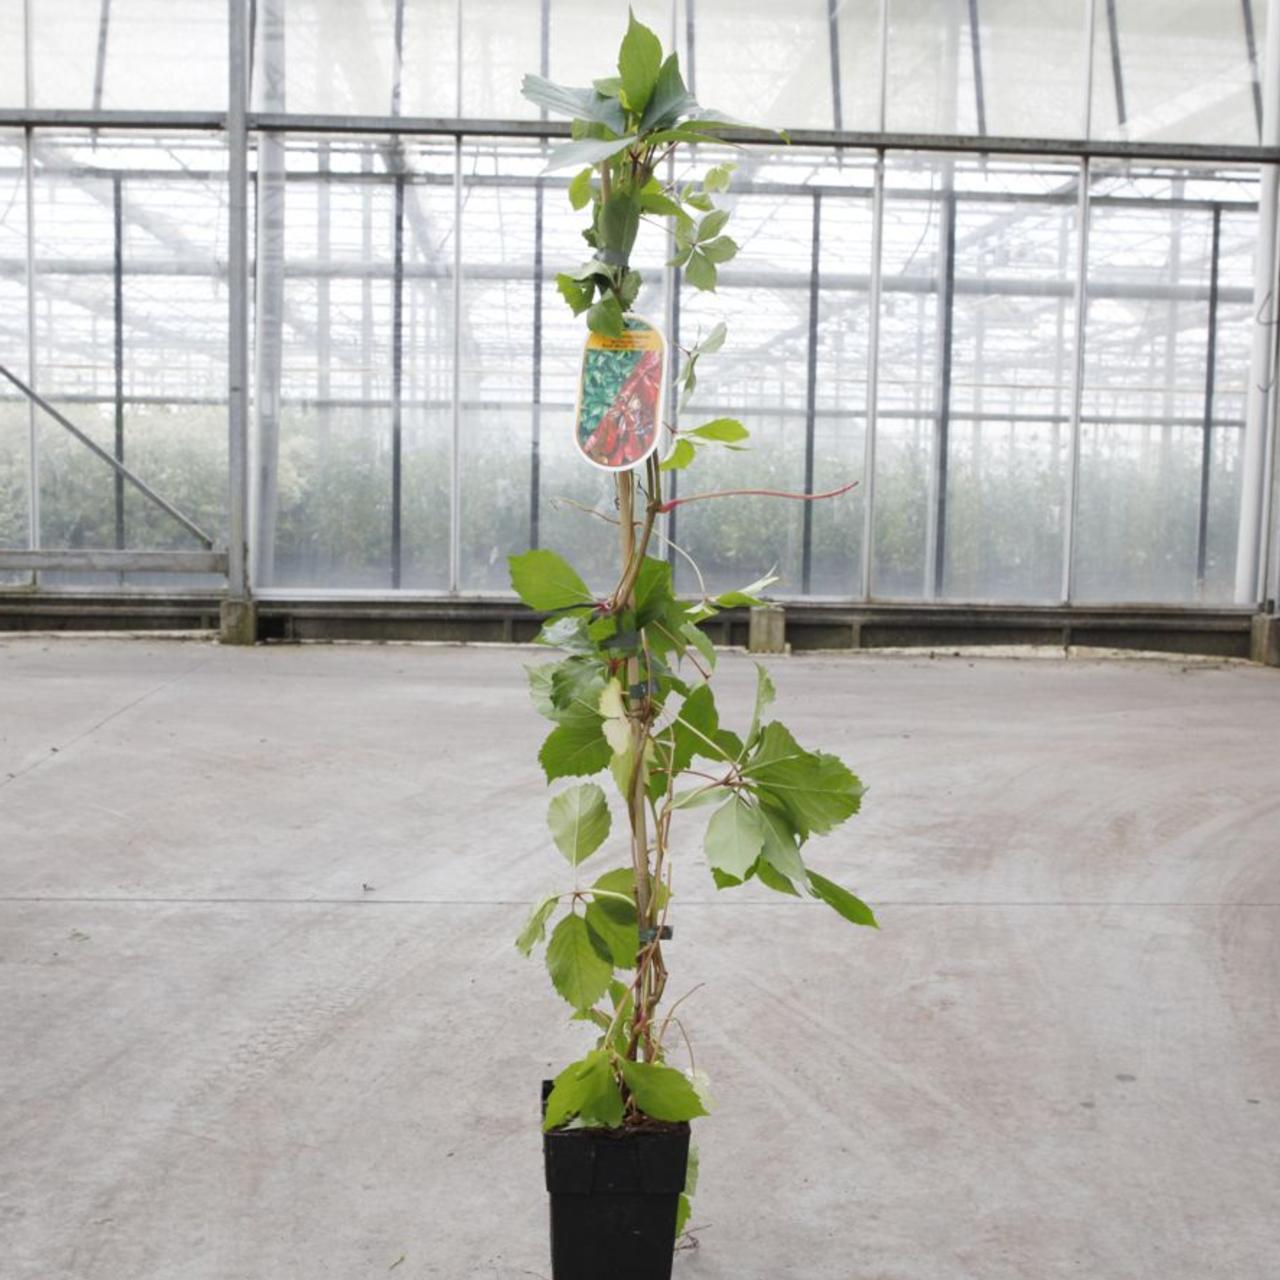 Parthenocissus quinquefolia 'Red Wall' plant